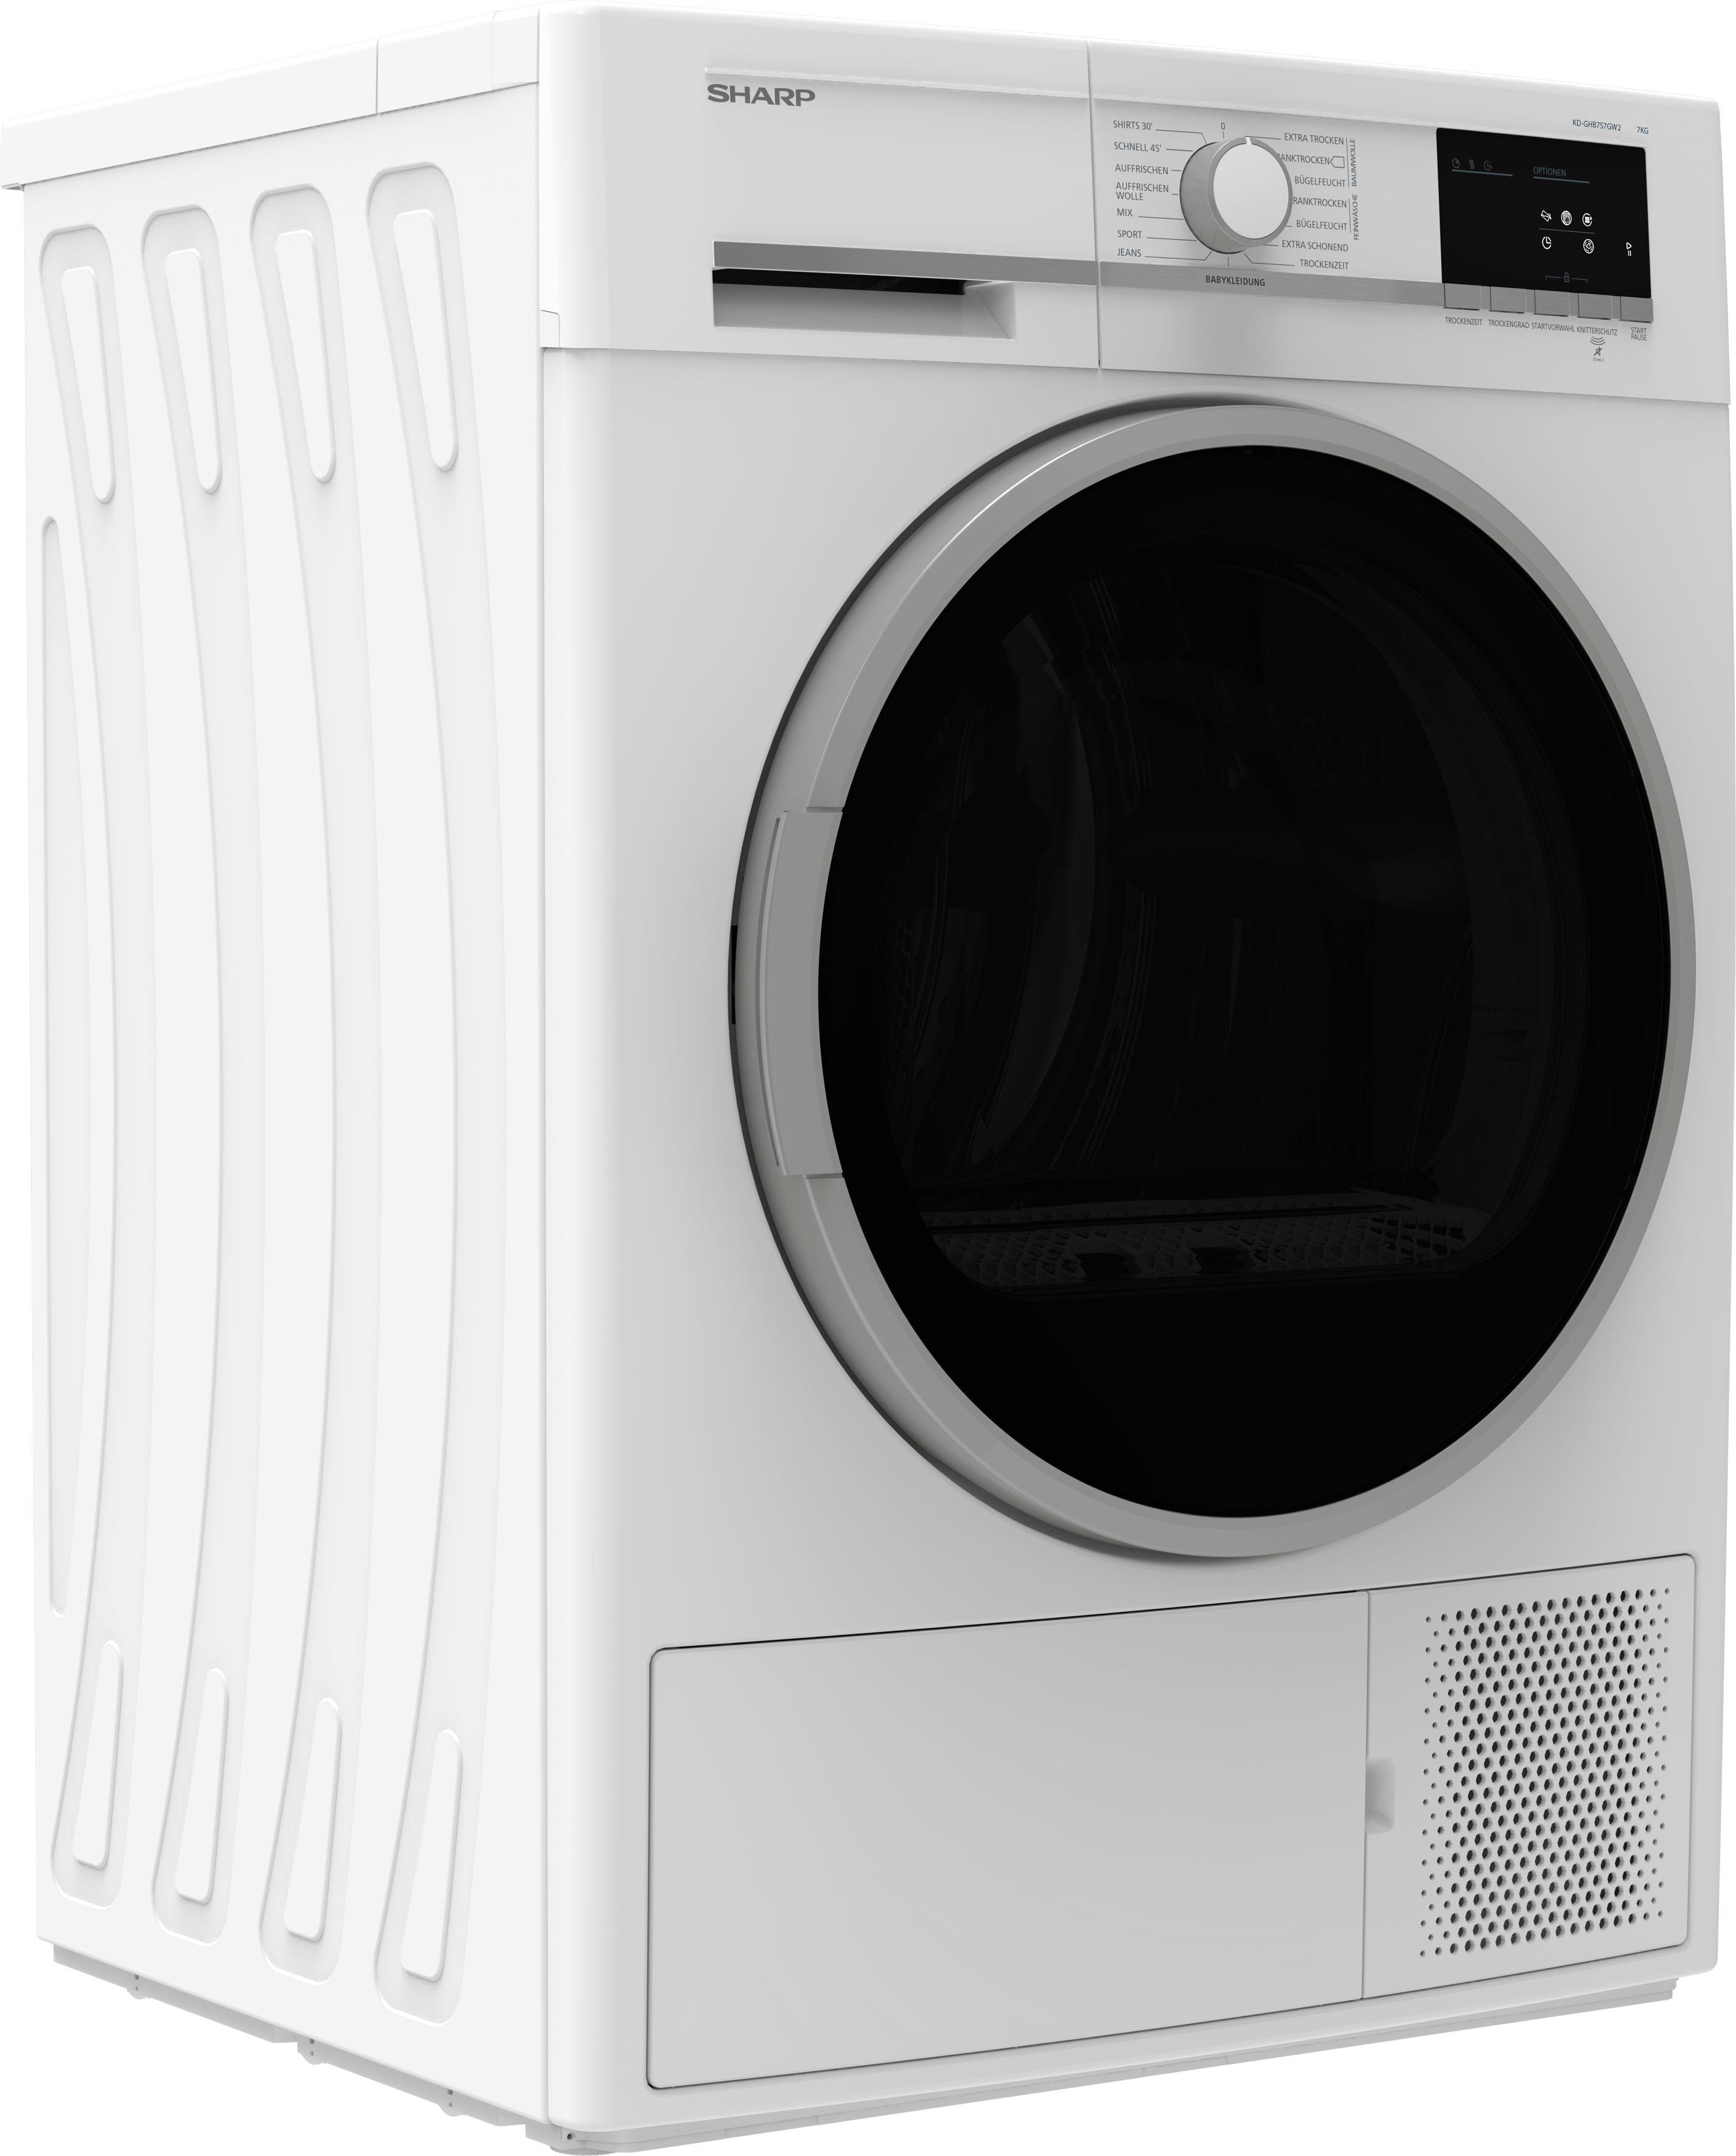 Sharp Wärmepumpentrockner KD-GHB7S7GW2-DE, 7 kg | Bad > Waschmaschinen und Trockner | Weiß | Sharp